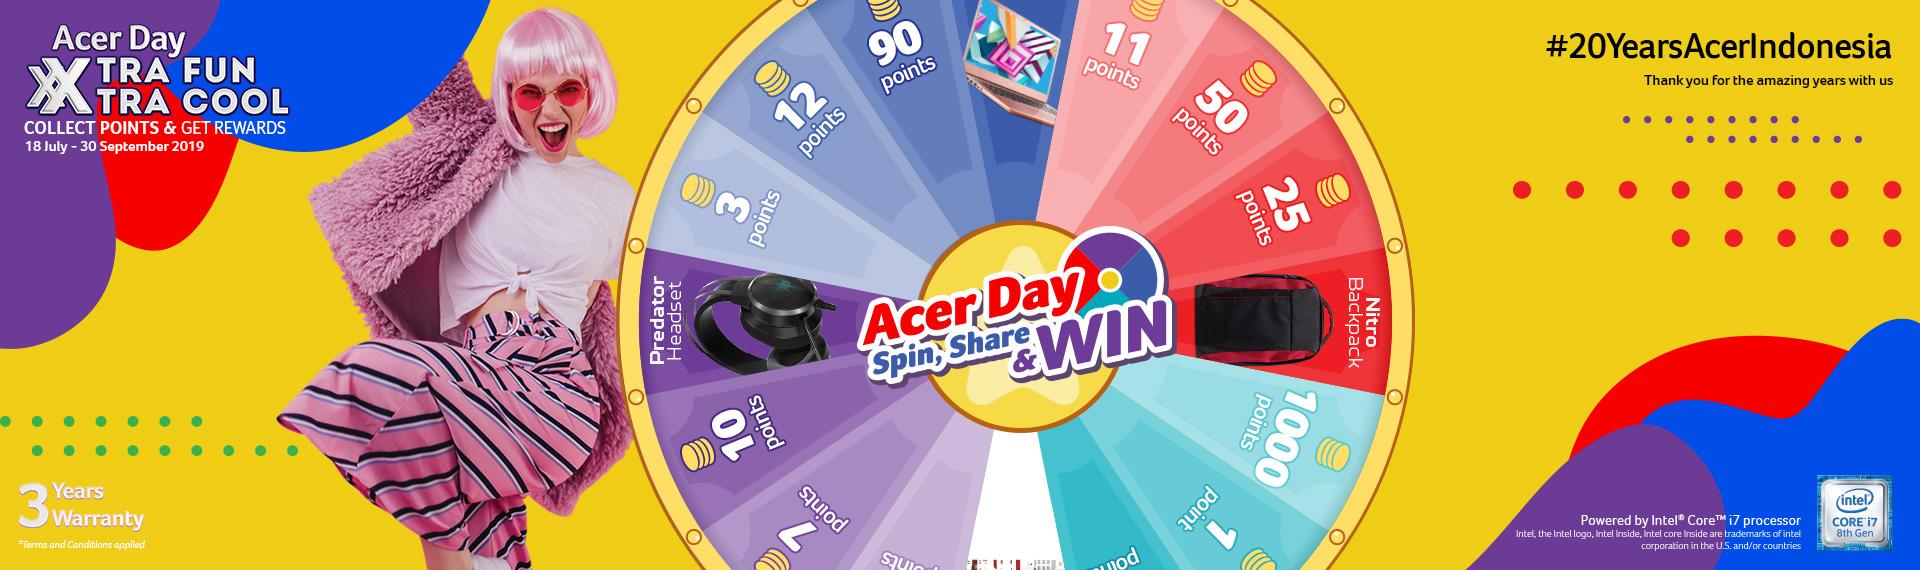 Trik Jitu Kumpulkan Poin Acer Day 2019 di Acer Day Spin, Share & Win!